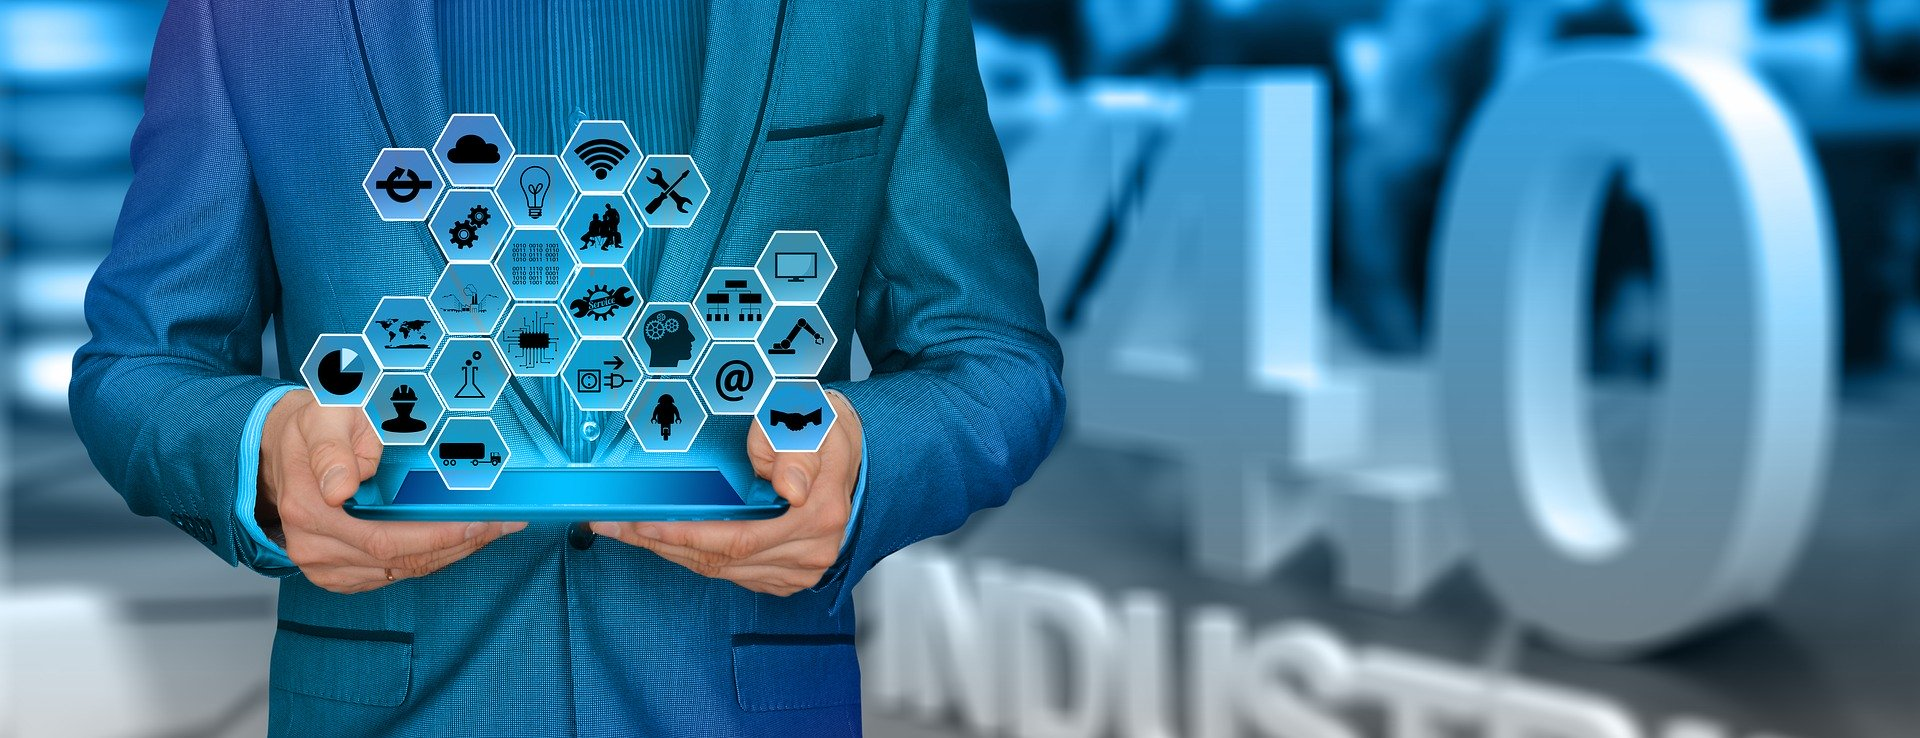 الثورة الصناعية الرابعة: التعريف والتكنولوجيات ذات الصلة